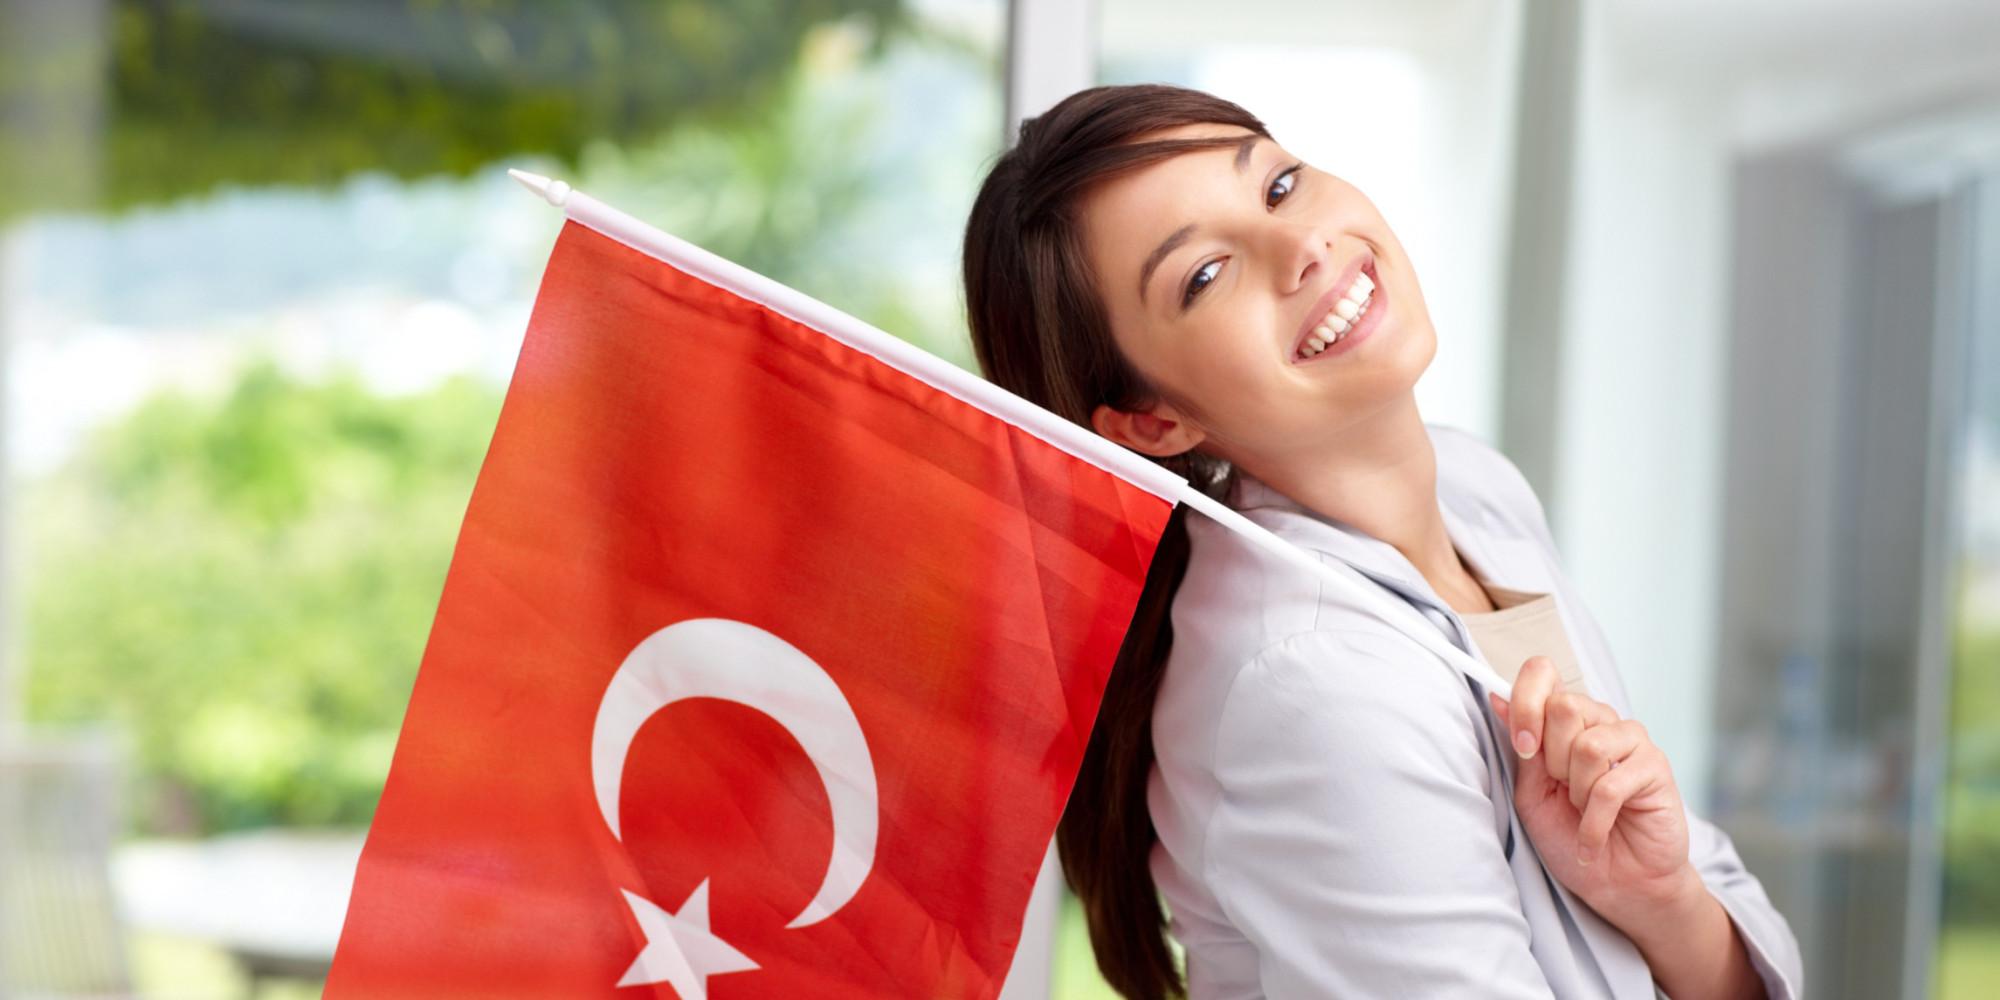 Deutsche frau sucht turkischen mann